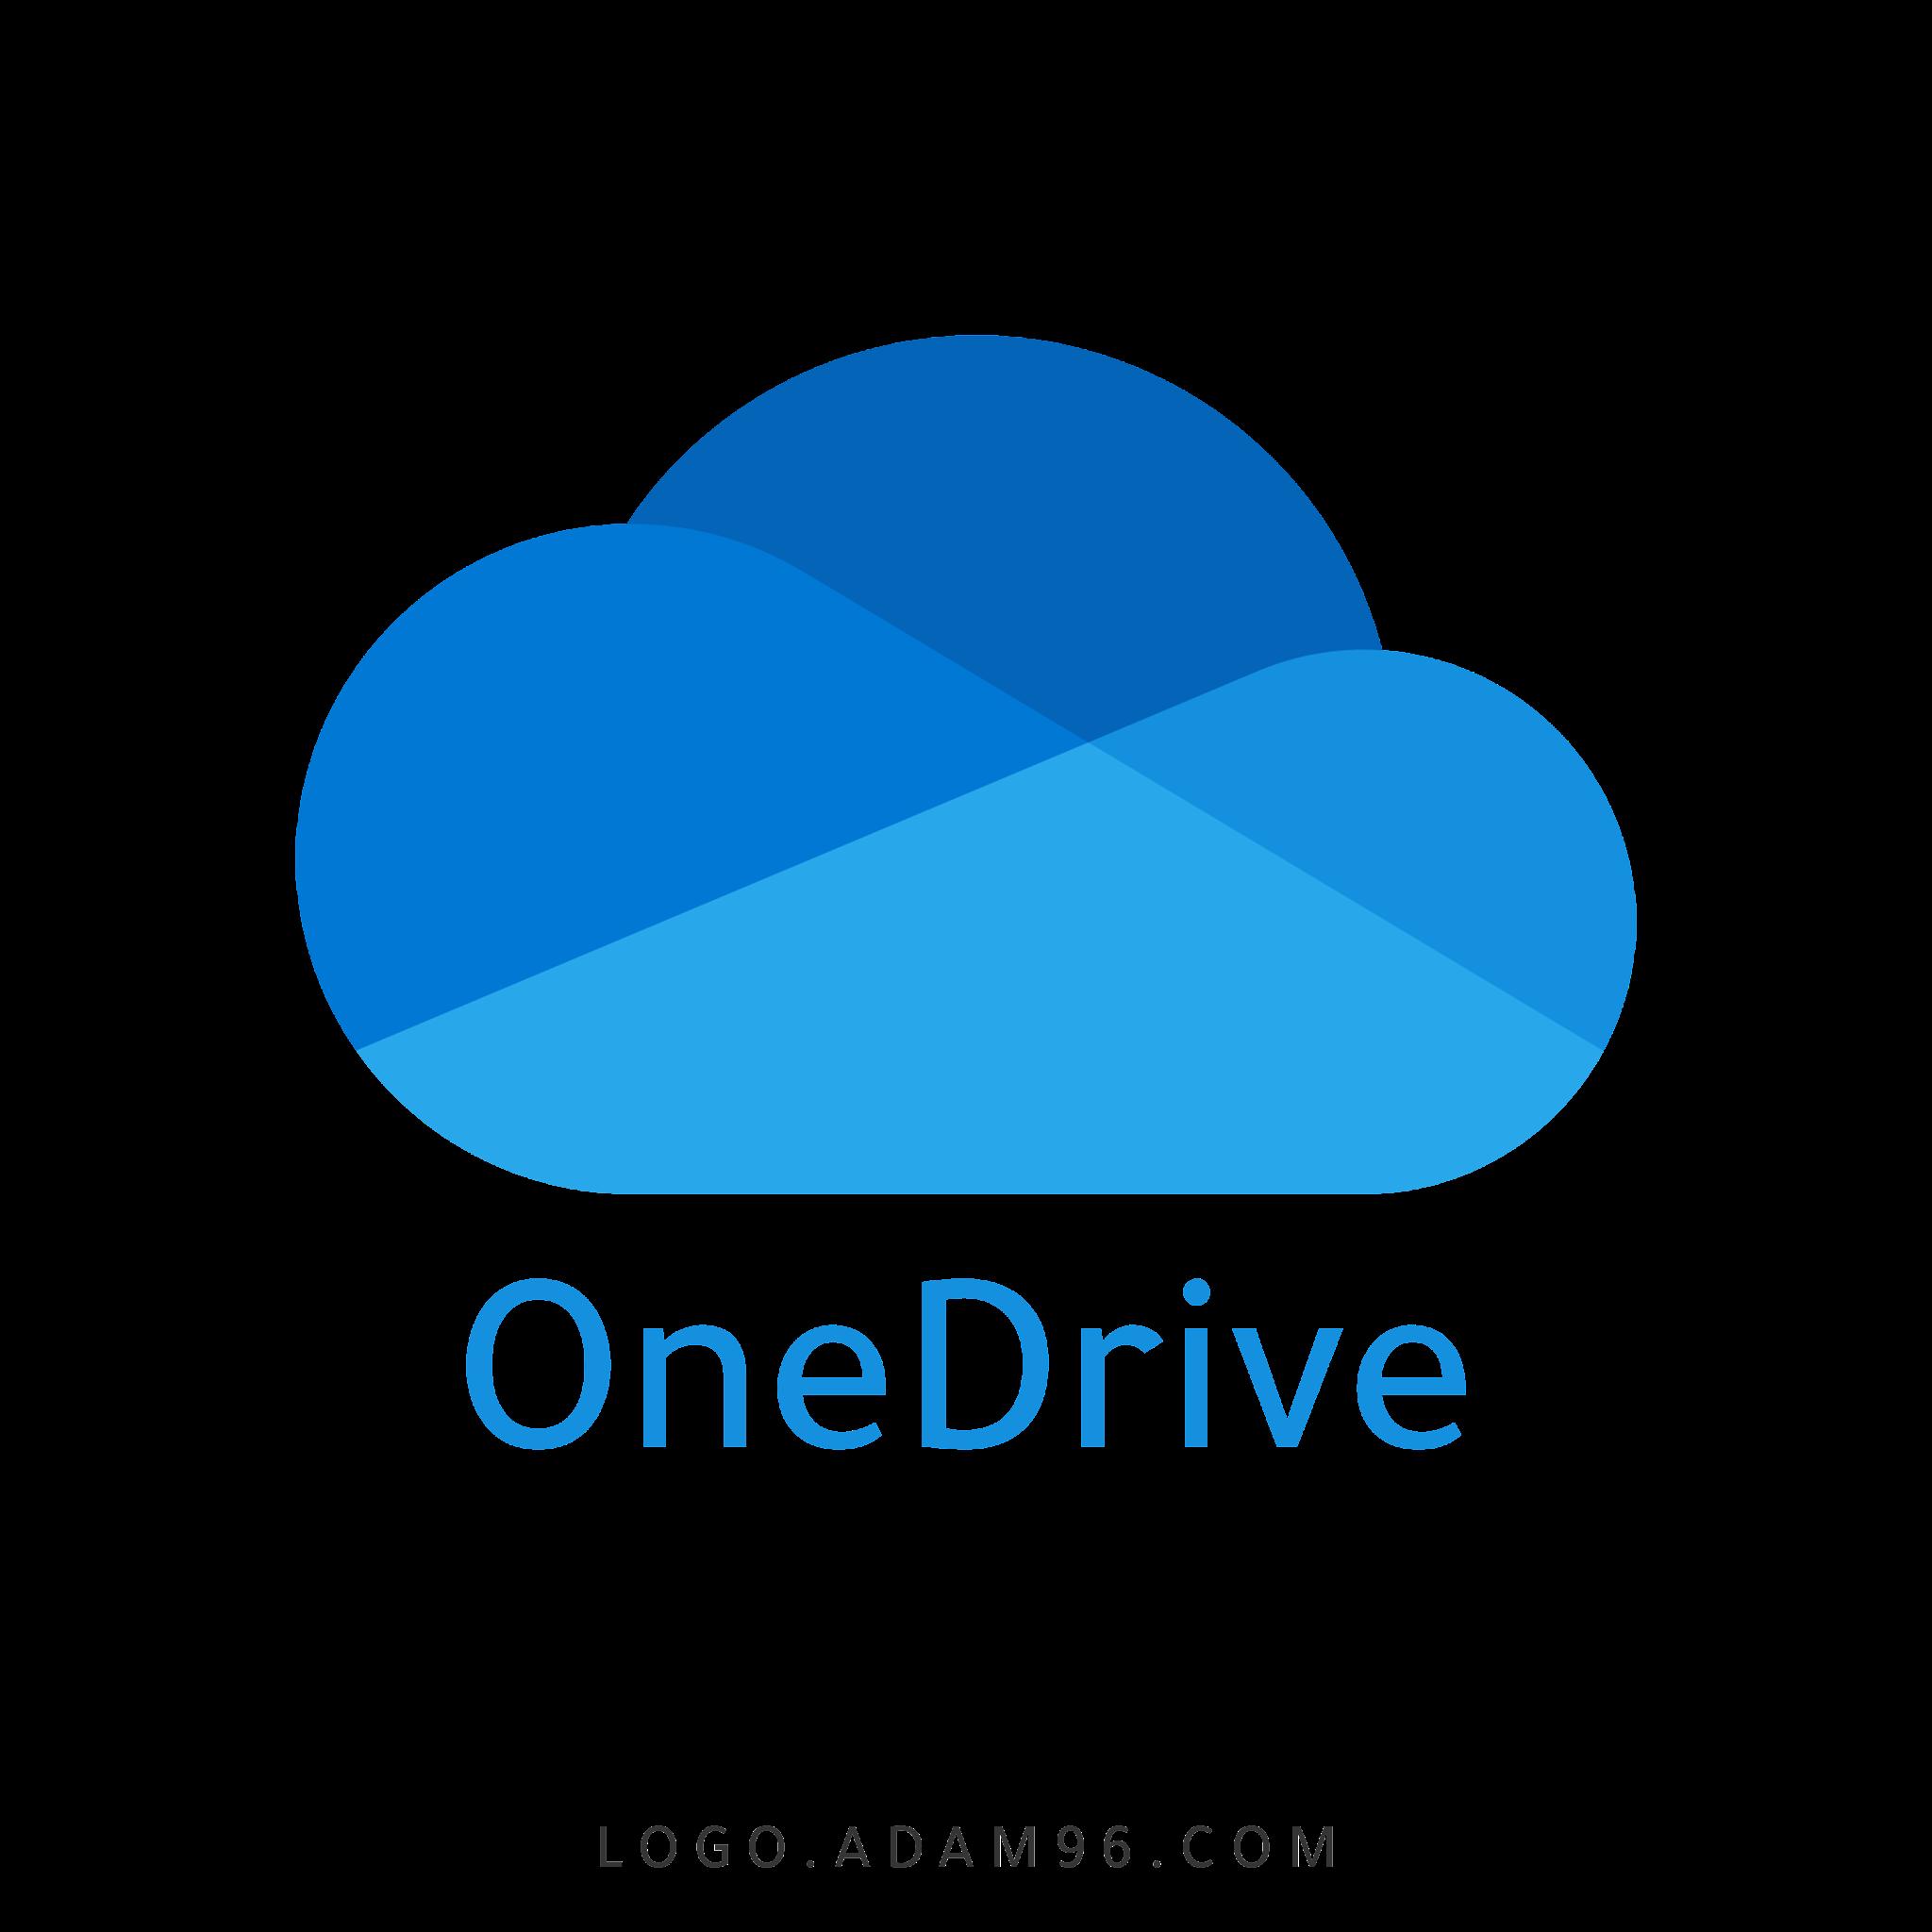 تحميل شعار مايكروسوفت ون درايف لوجو شفاف عالي الدقة Logo OneDrive PNG